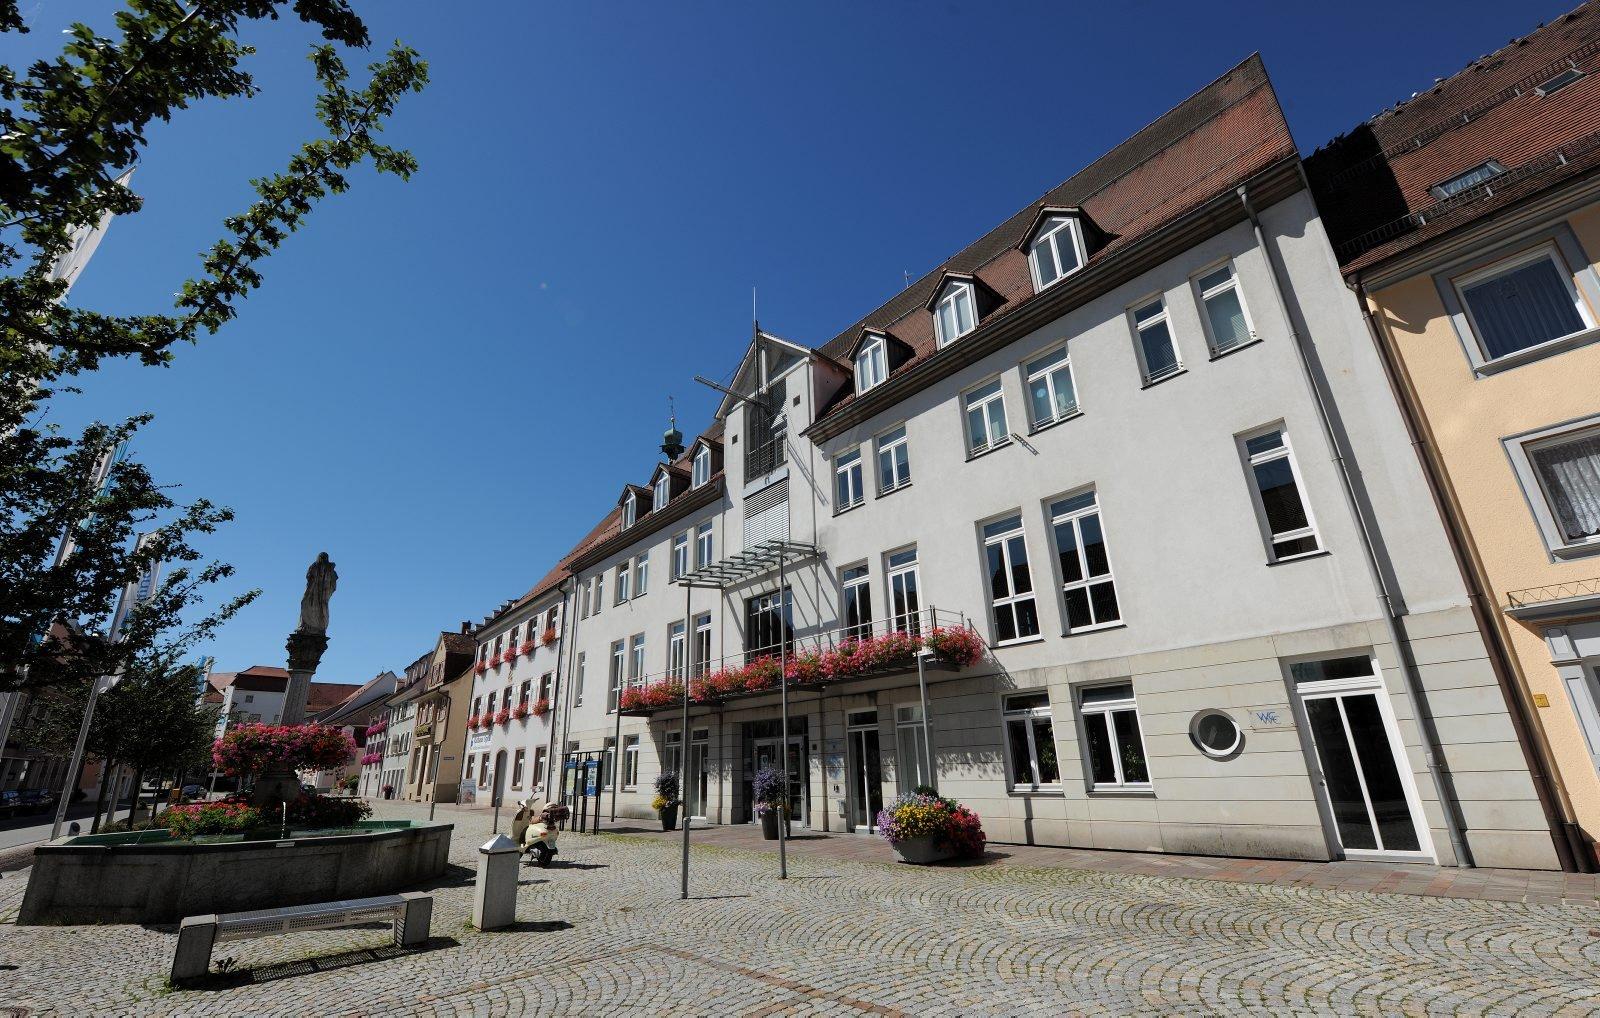 Stadtbrunnen Hüfingen